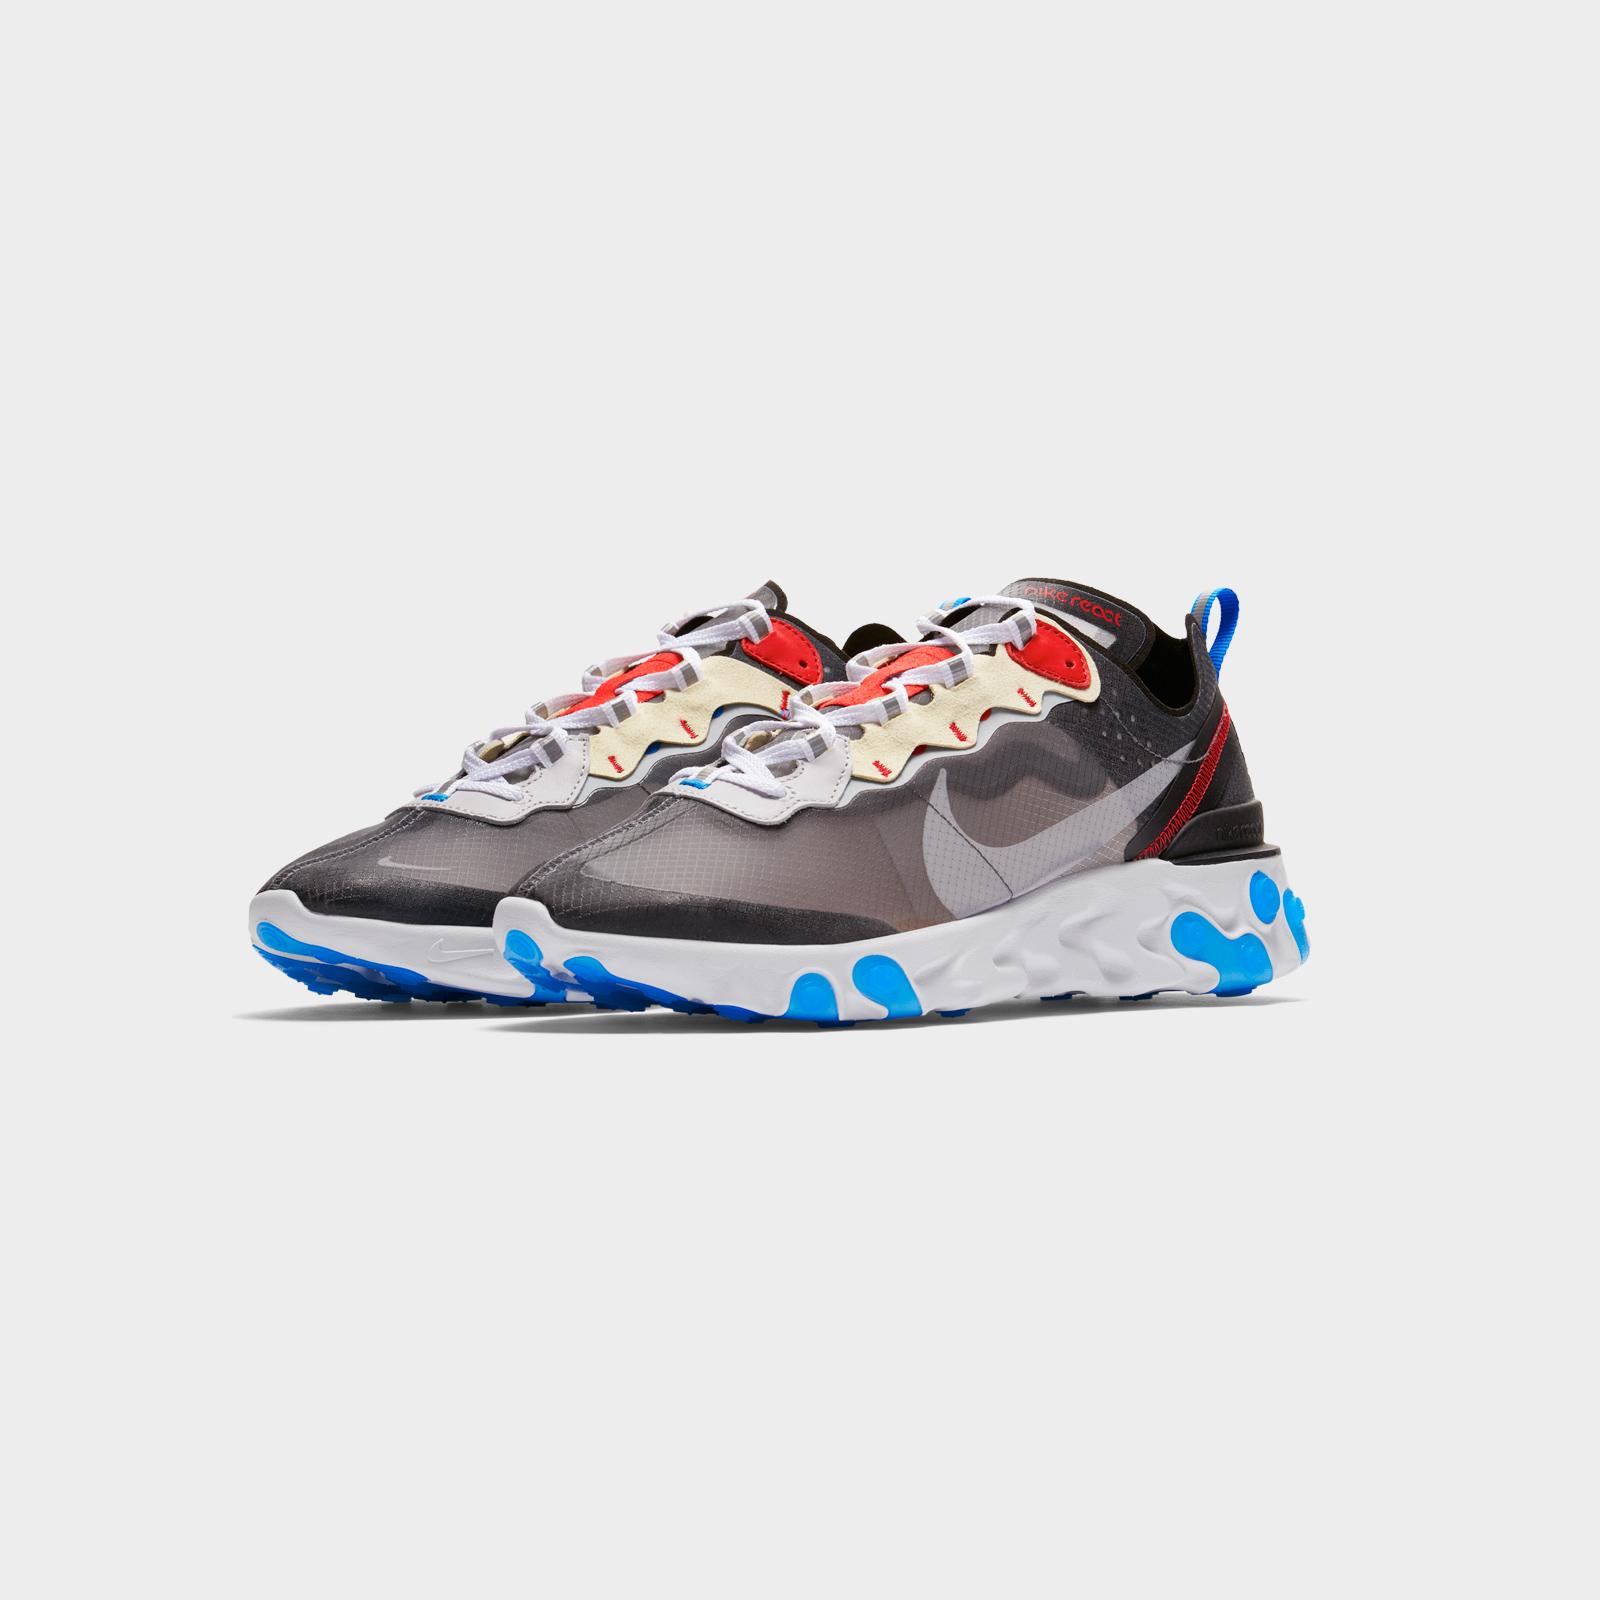 56e04c2fb9ea Nike React Element 87 - Aq1090-003 - Sneakersnstuff